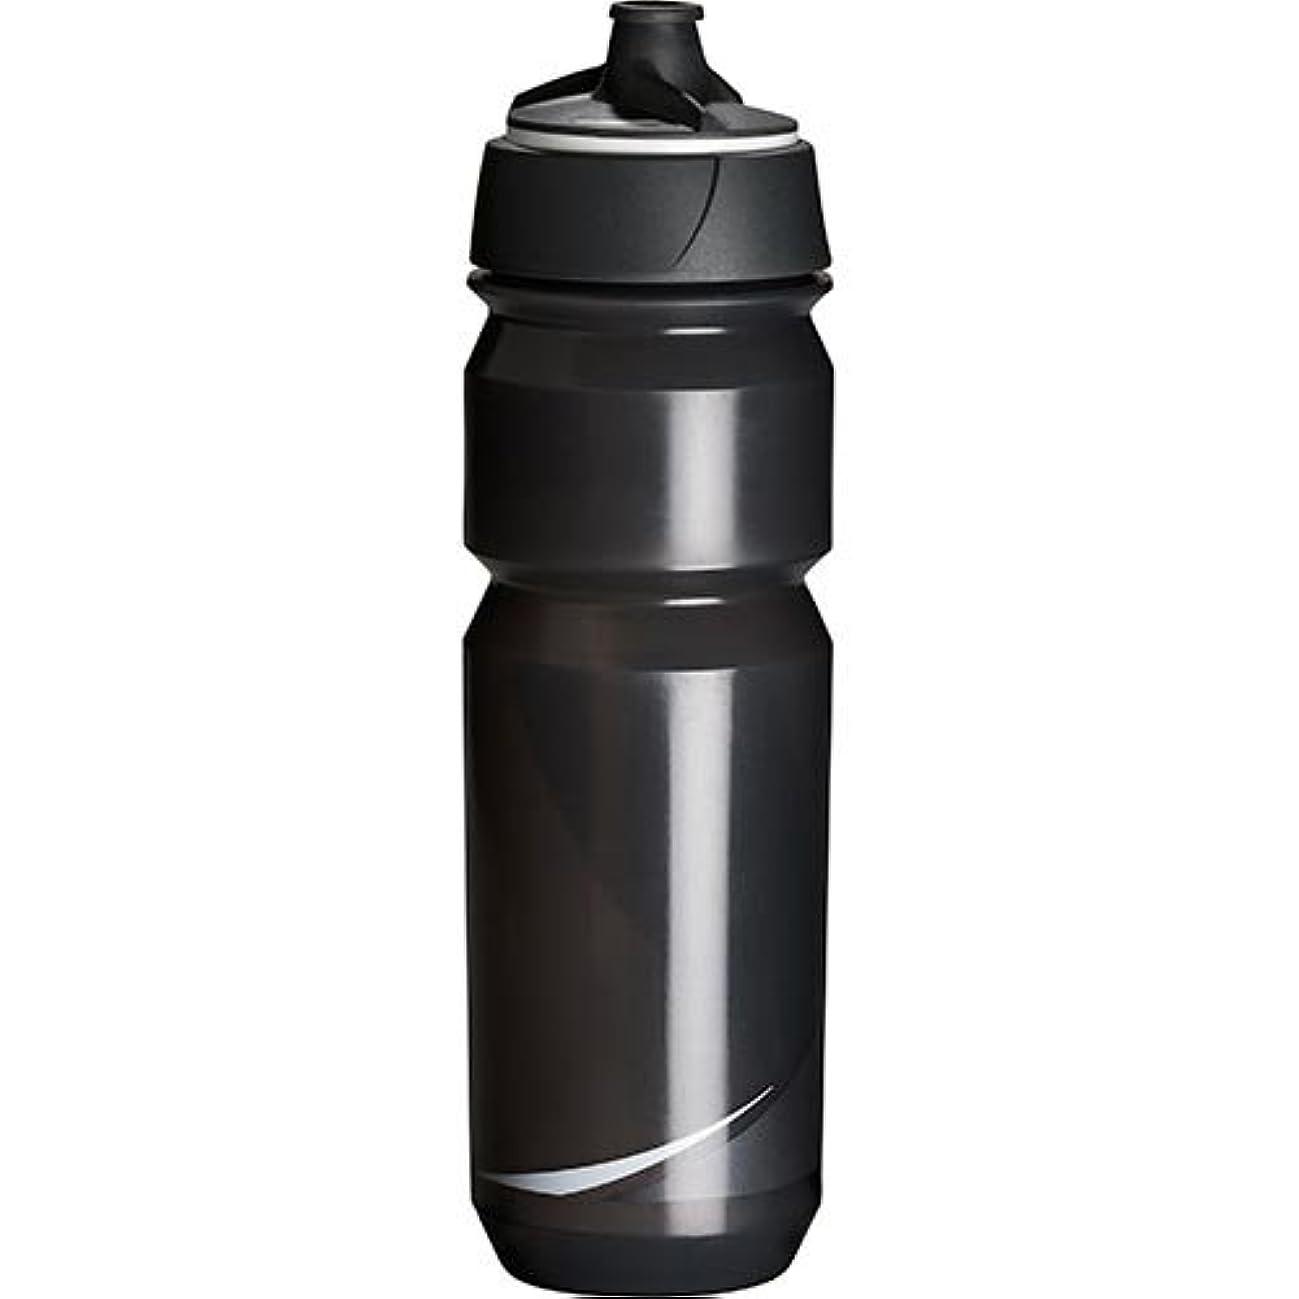 ヒステリックオプショナル炎上Tacx(タックス) Shanti Twist SMOKE/WHT 750 ボトル スモーク/ホワイト サイクルボトル